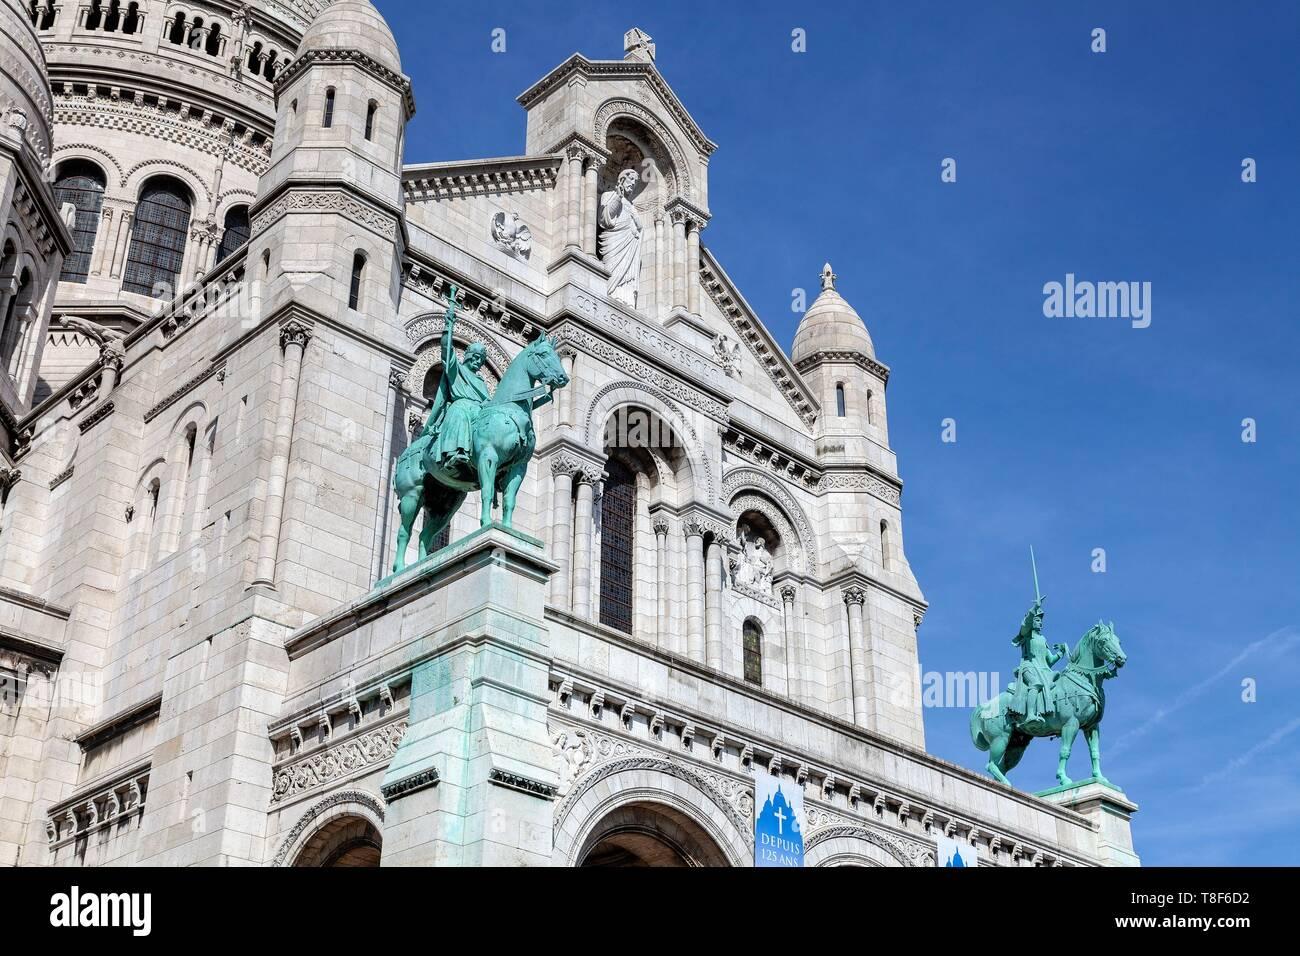 France, Paris, 18th District, Basilique du SacrÚ Coeur - Stock Image